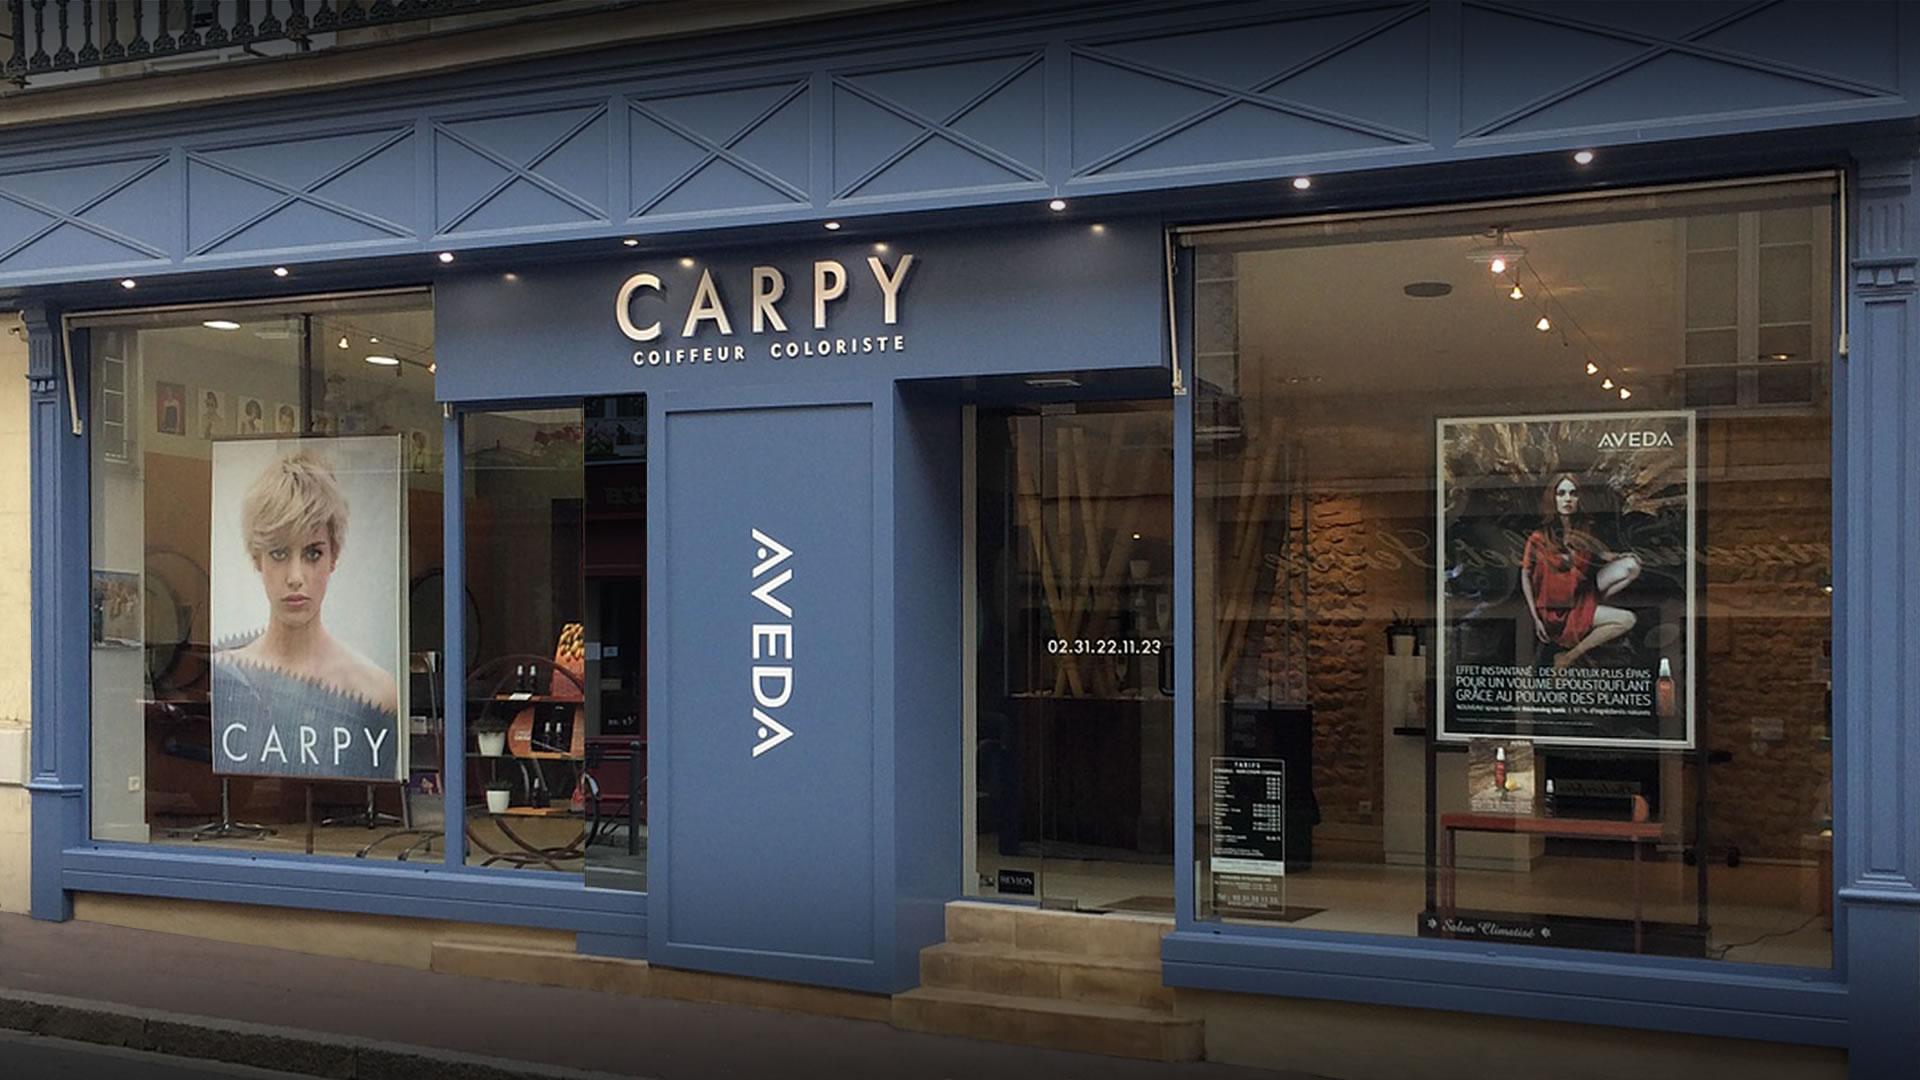 Salon Carpy coiffeur coloriste barbier - Bayeux centre historique